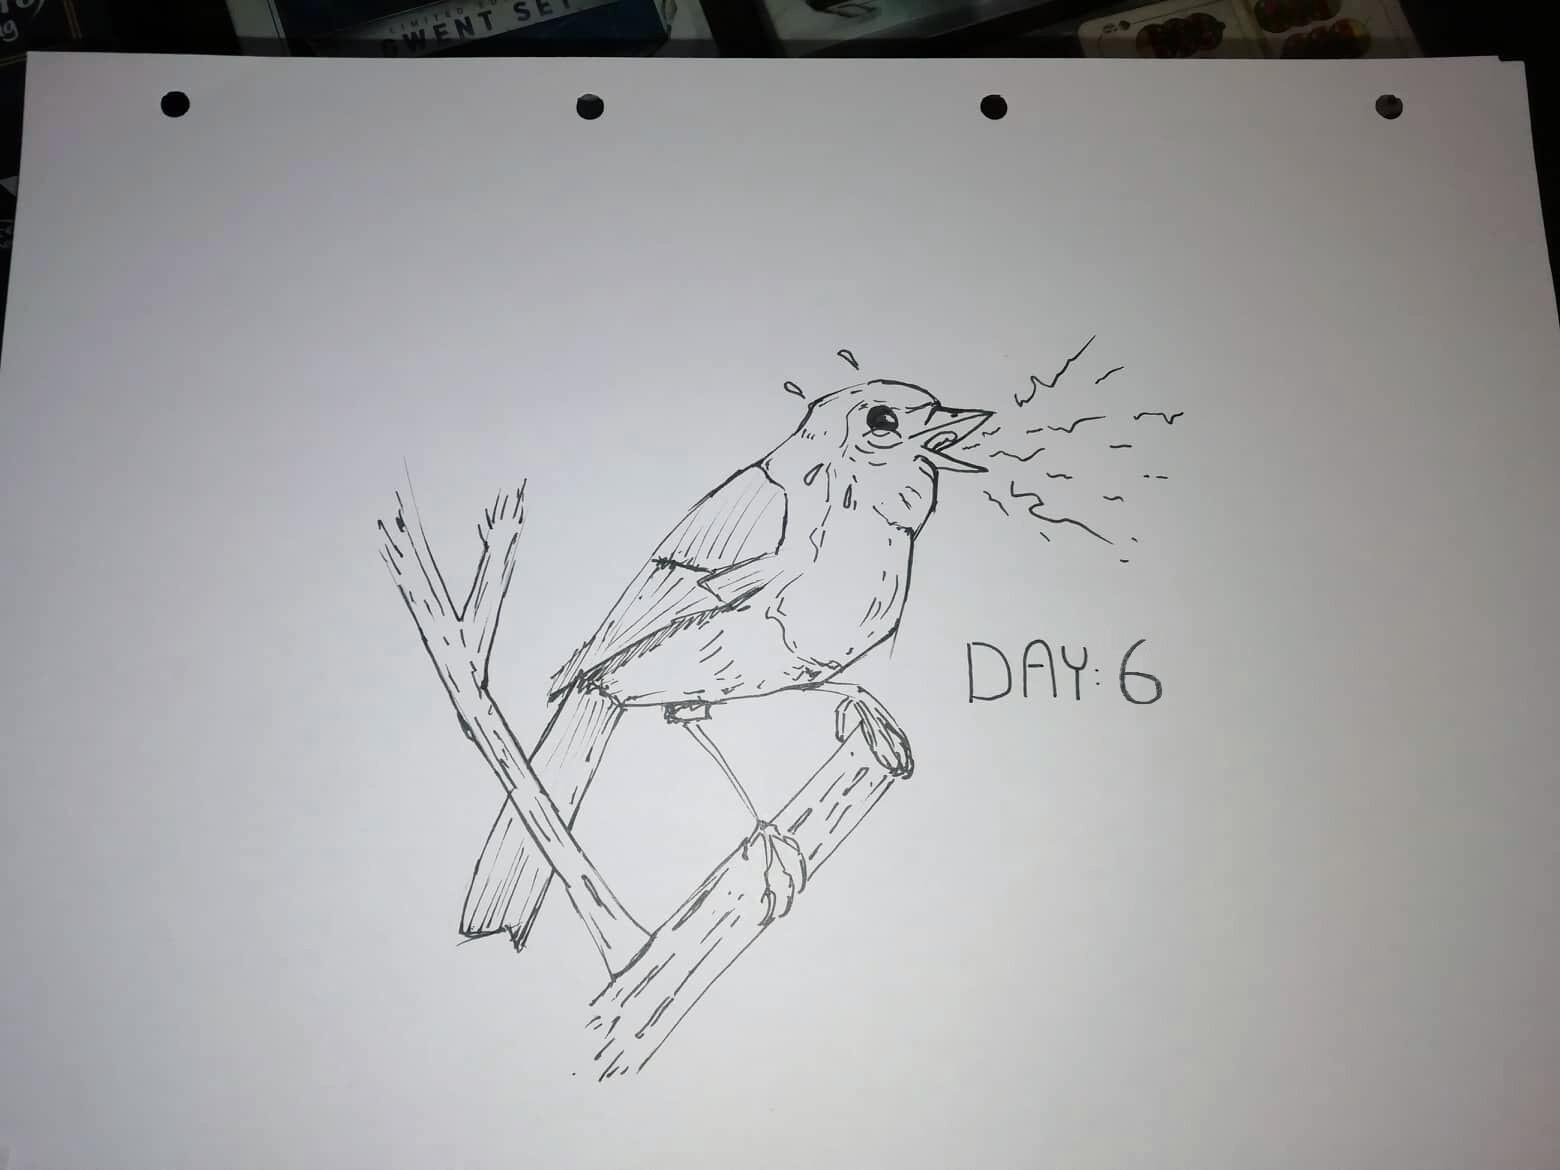 Day 6 - Husky